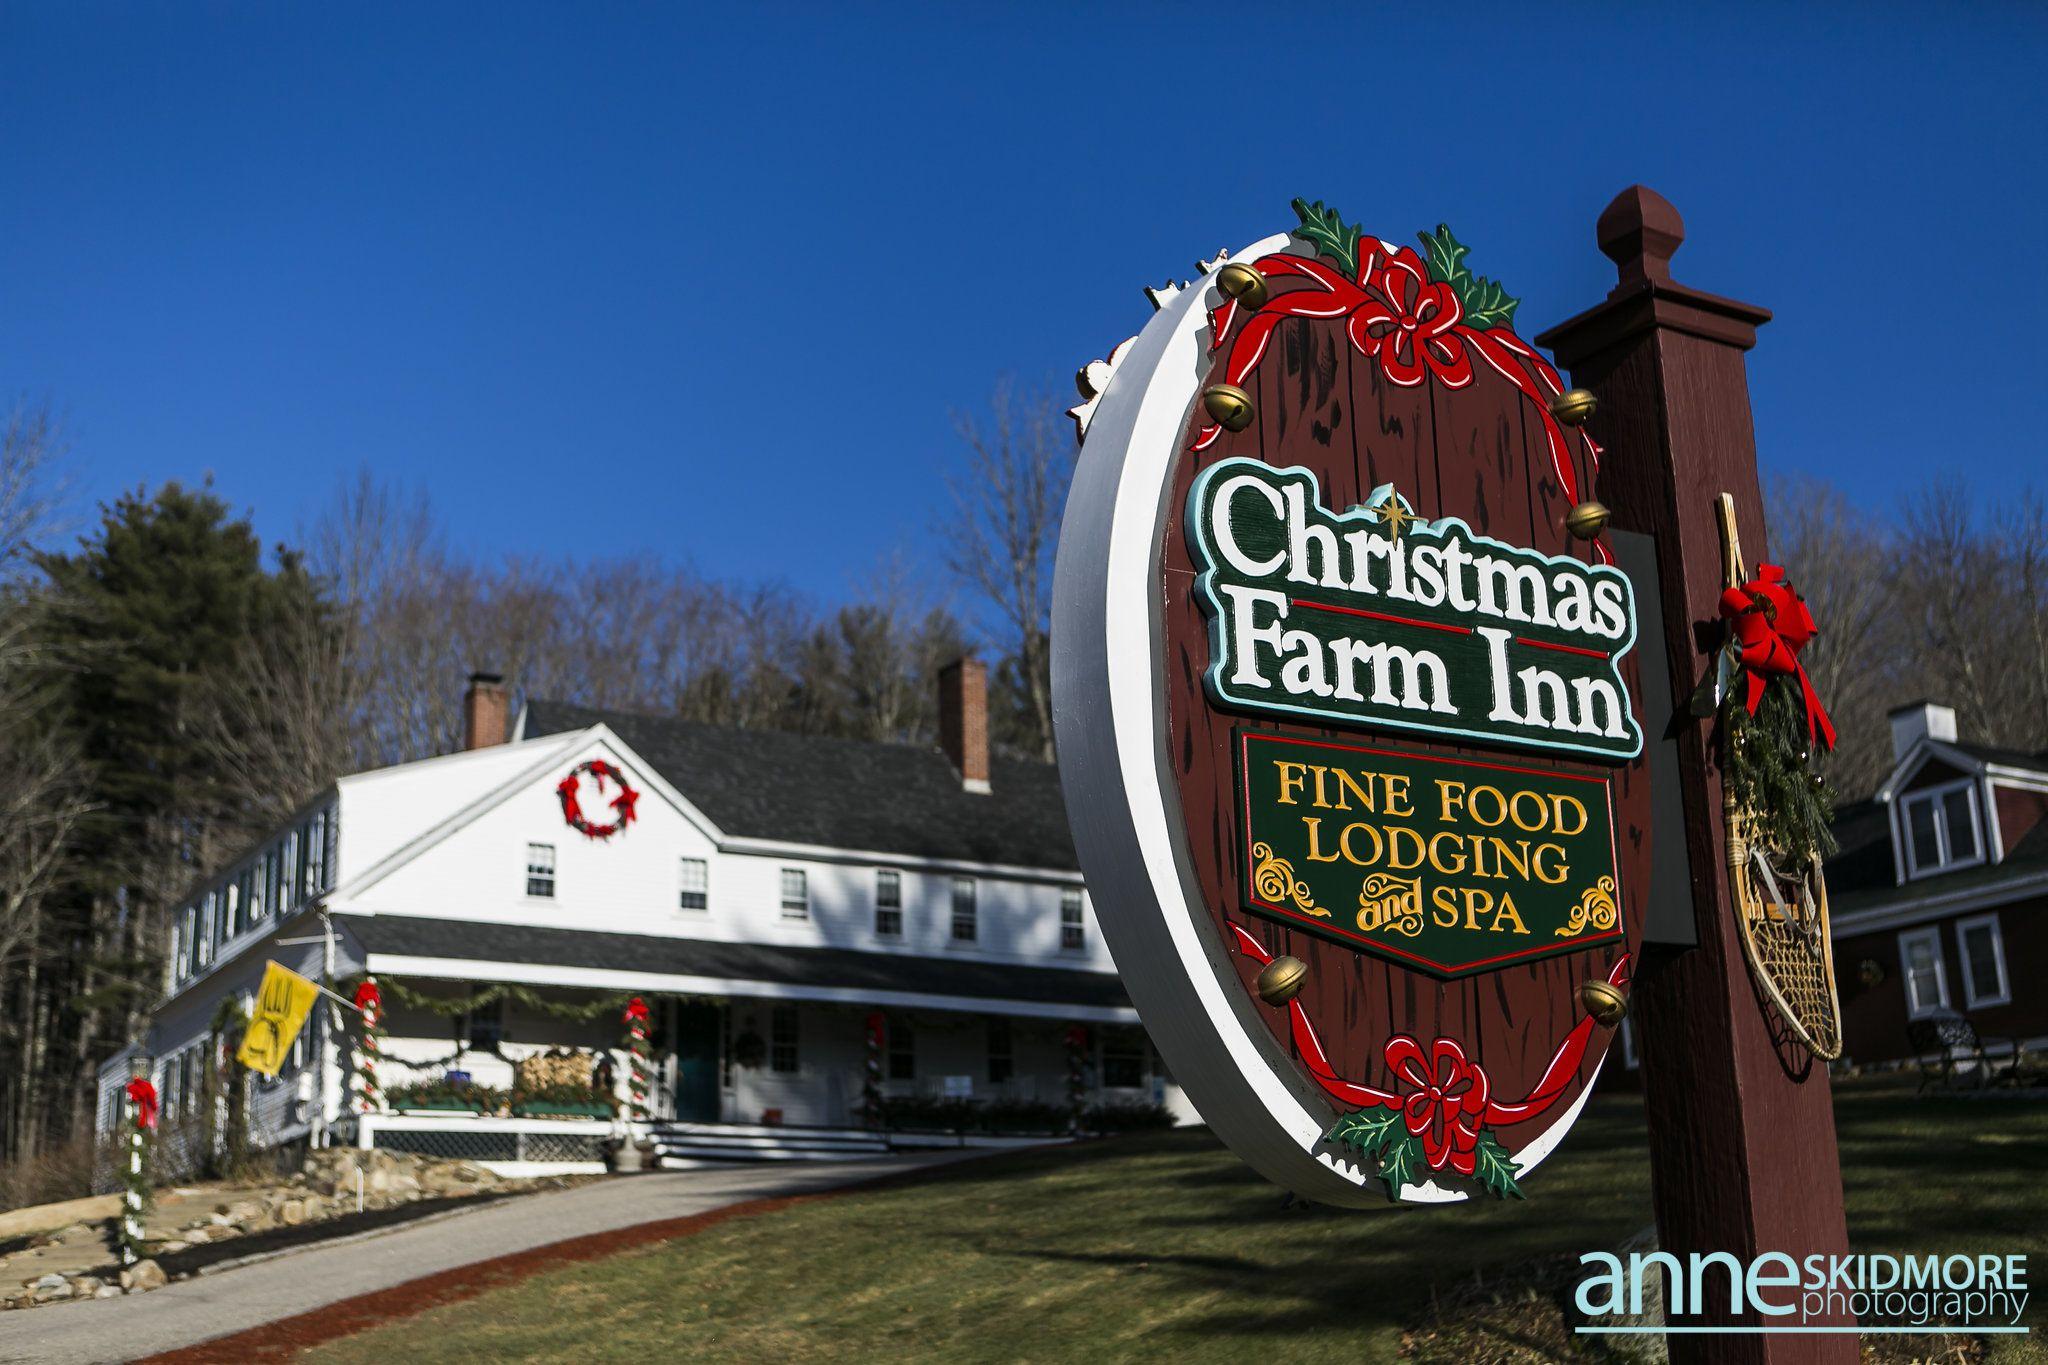 Christmas Farm Inn Spa In 2020 Christmas Farm Christmas Spa